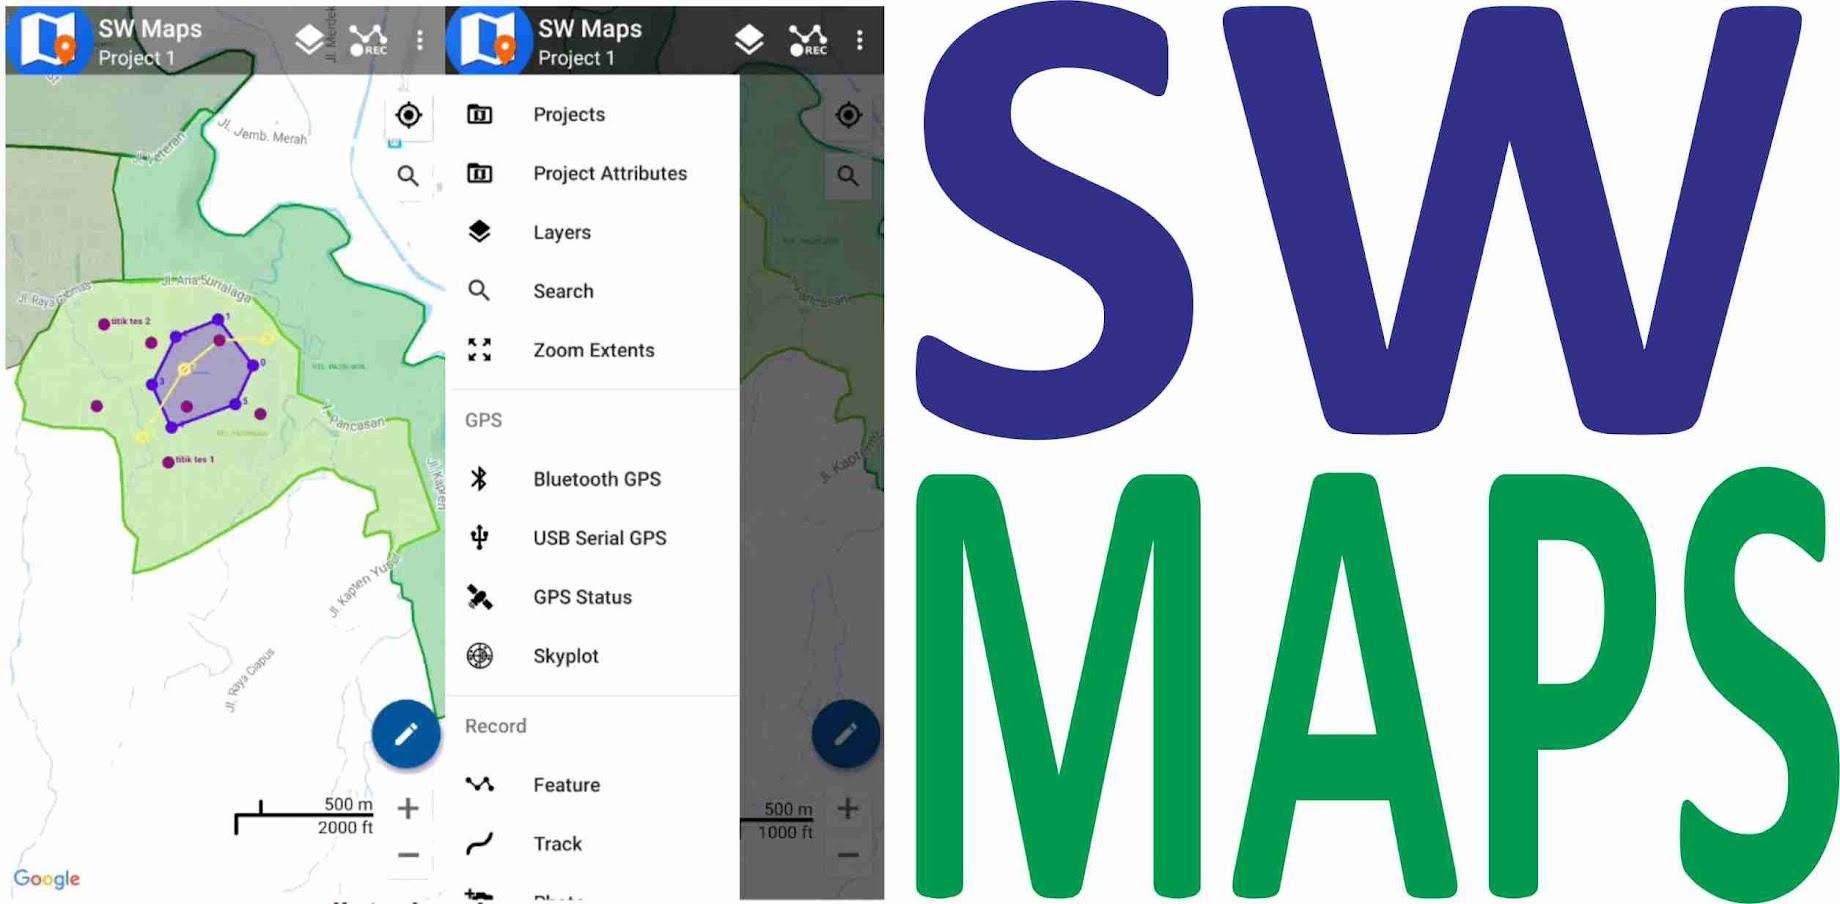 Mengelola Shp di Android, Kenapa Tidak? (SW Maps Video)